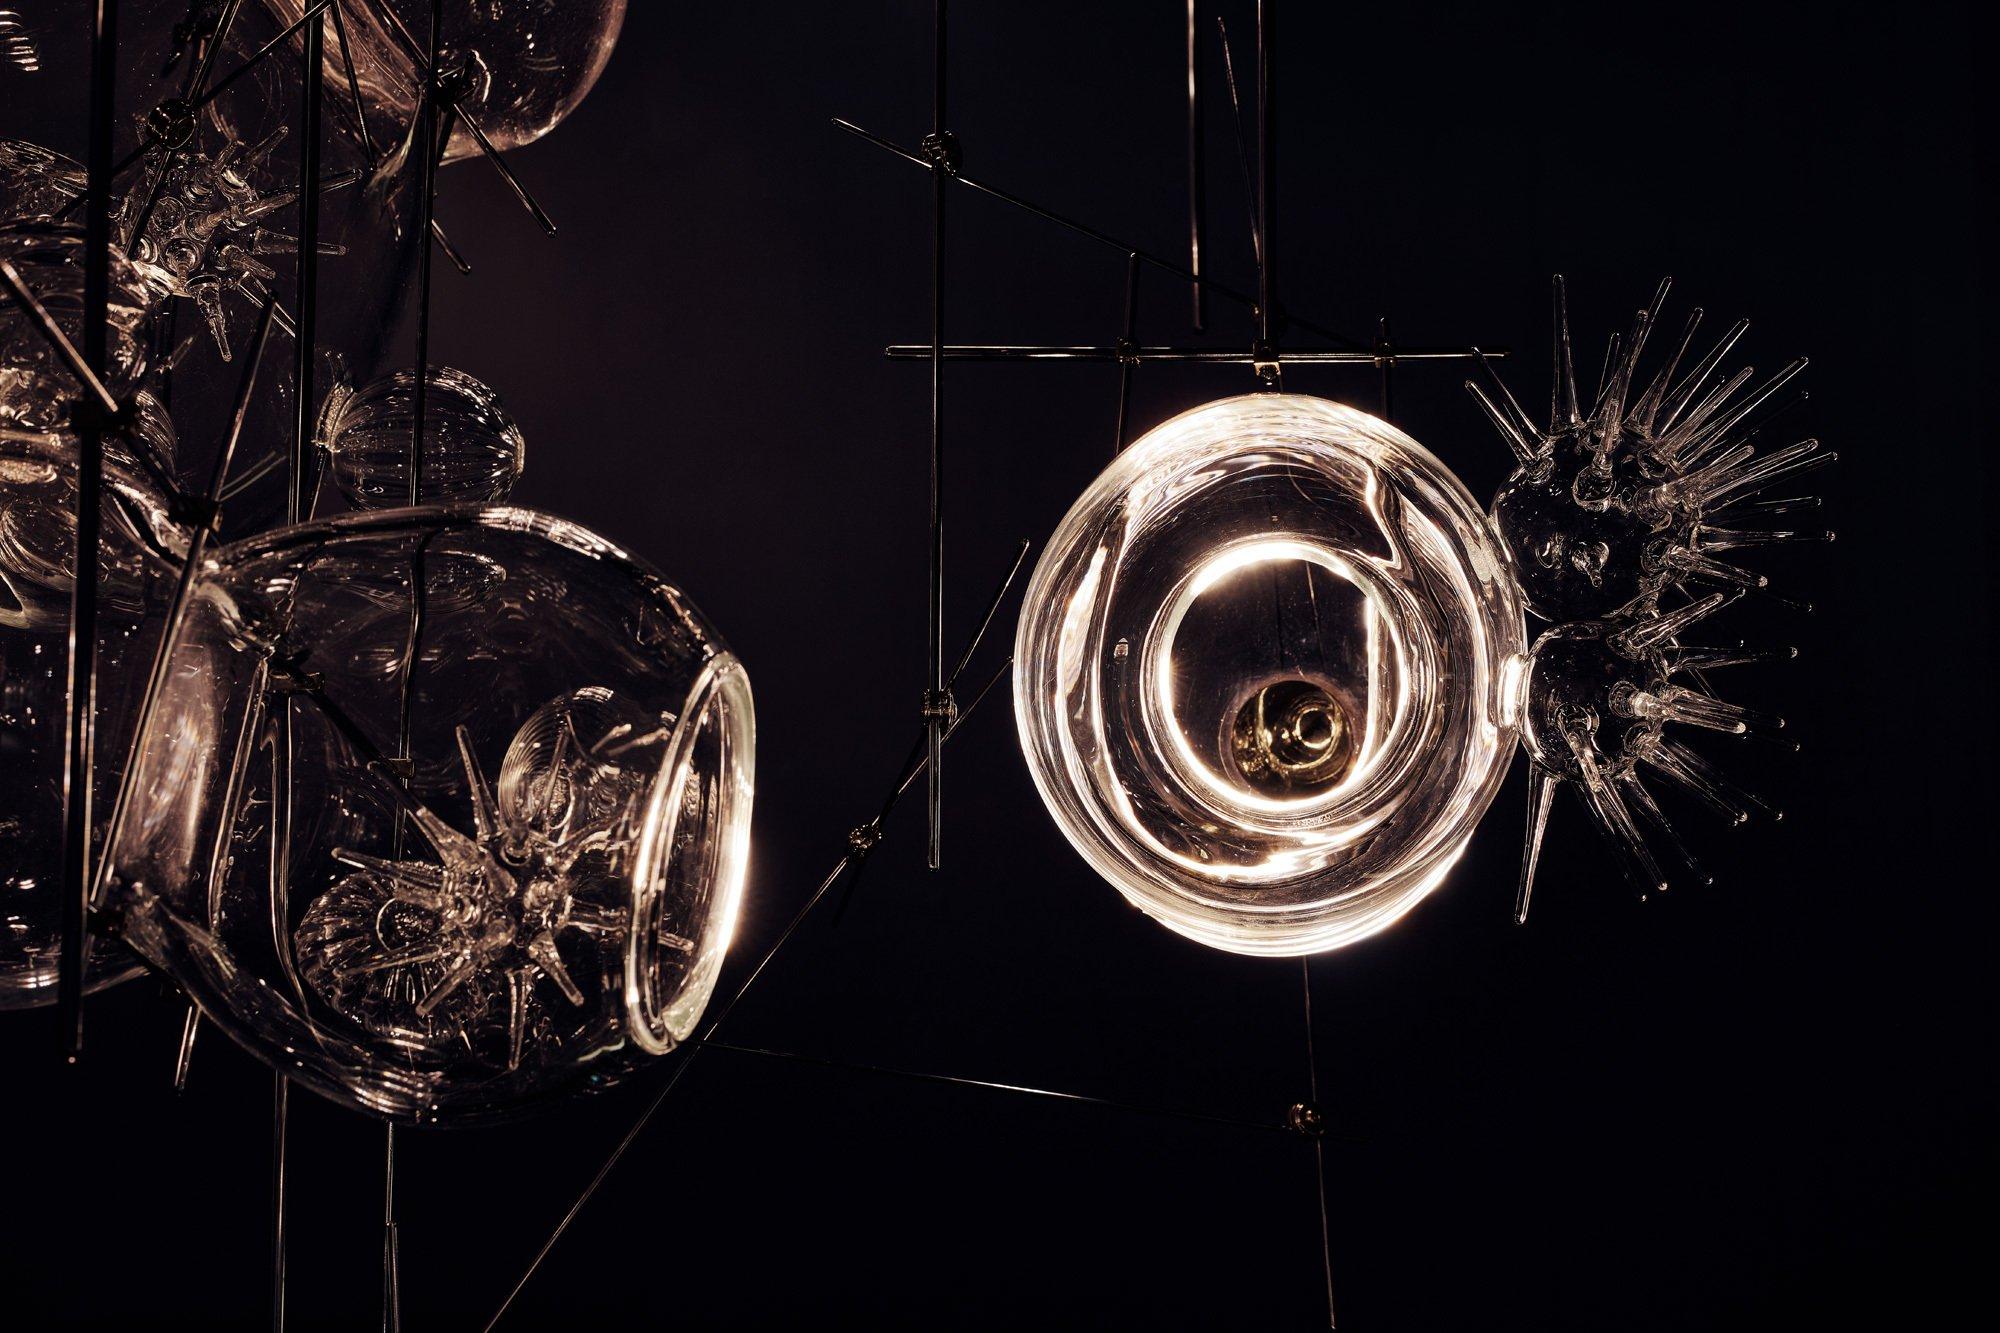 Paradise City ist ein Entwurf von Lindsey Adelman, der in Brooklyn von einer Glasbläserin mundgeblasen wird. Die Stücke sind ab rund 8.000 Euro erhältlich. Foto/ Copyright: Mark Cocksedge